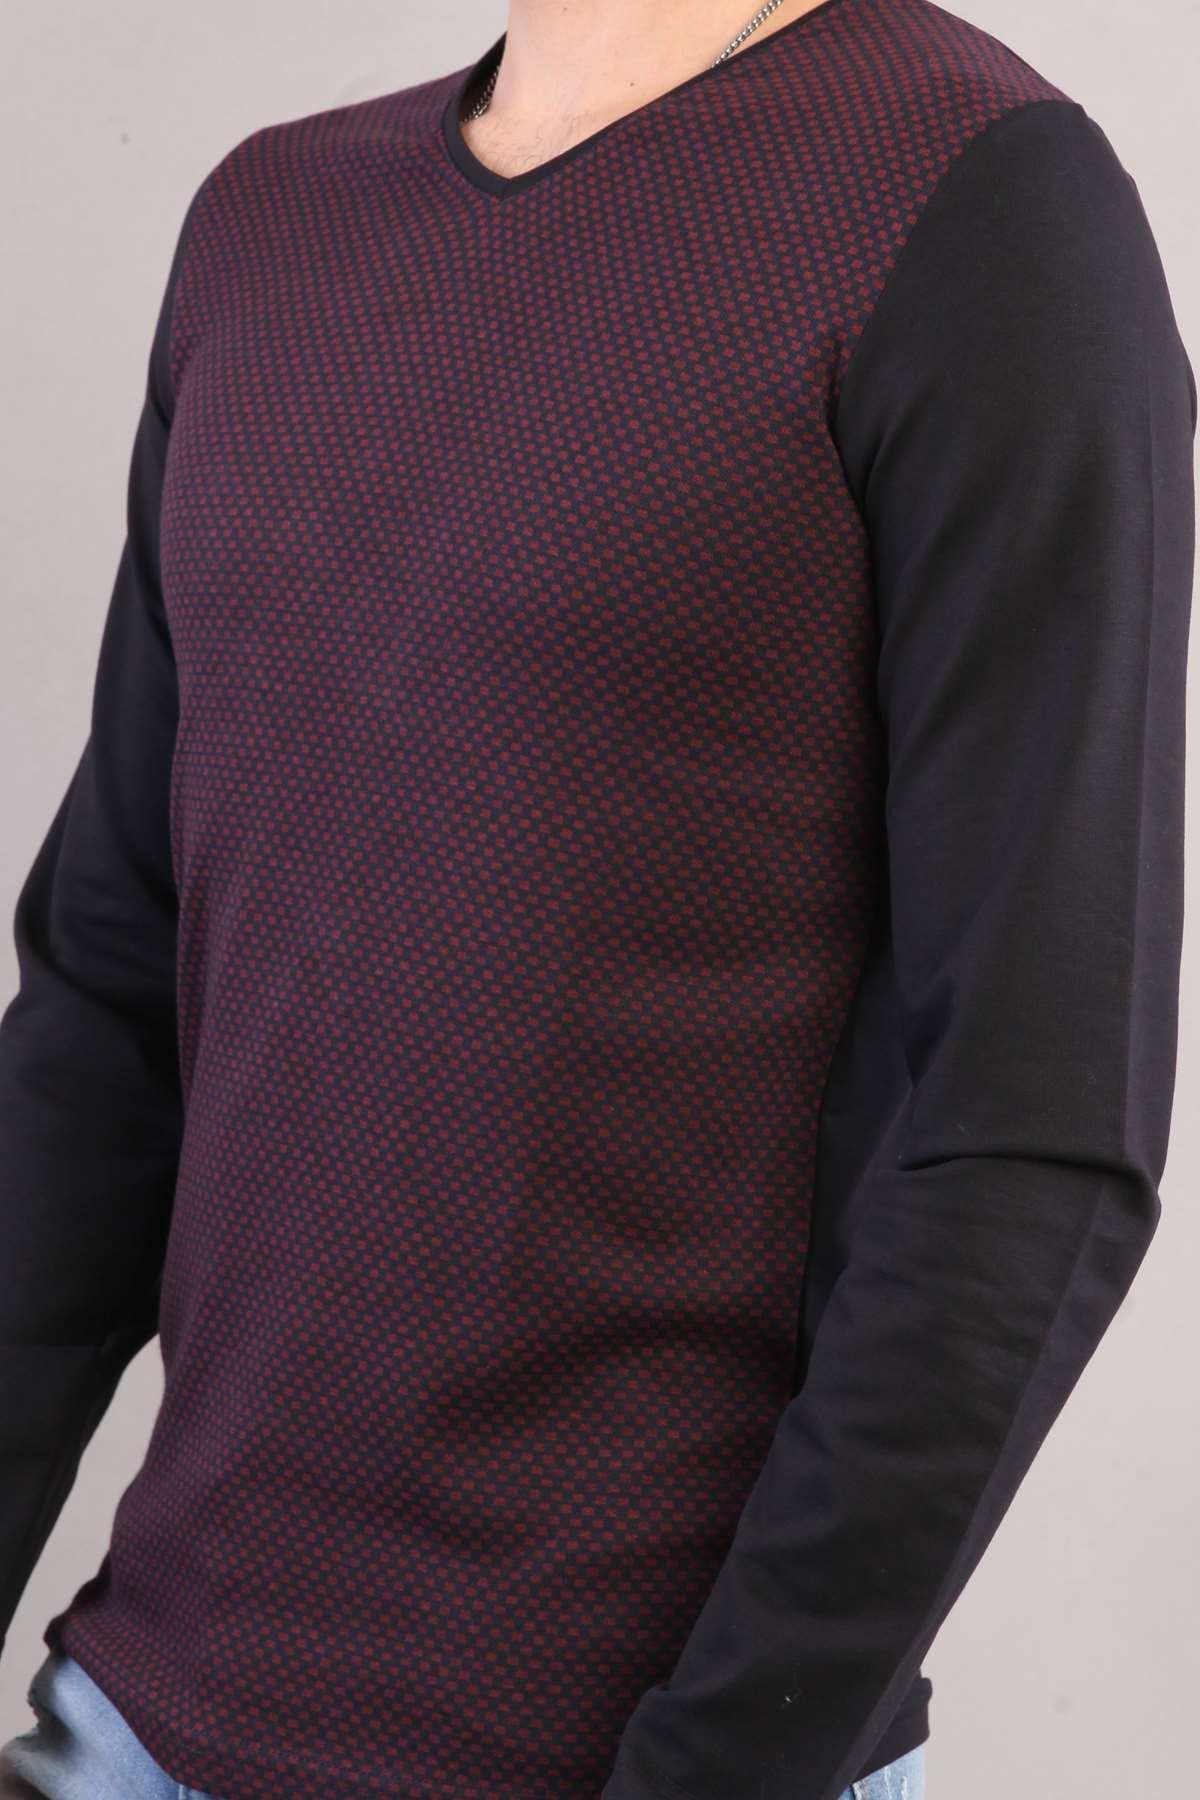 V Yaka Slim Fit Küçük Kare Desenli Sweatshirt Lacivert-Bordo